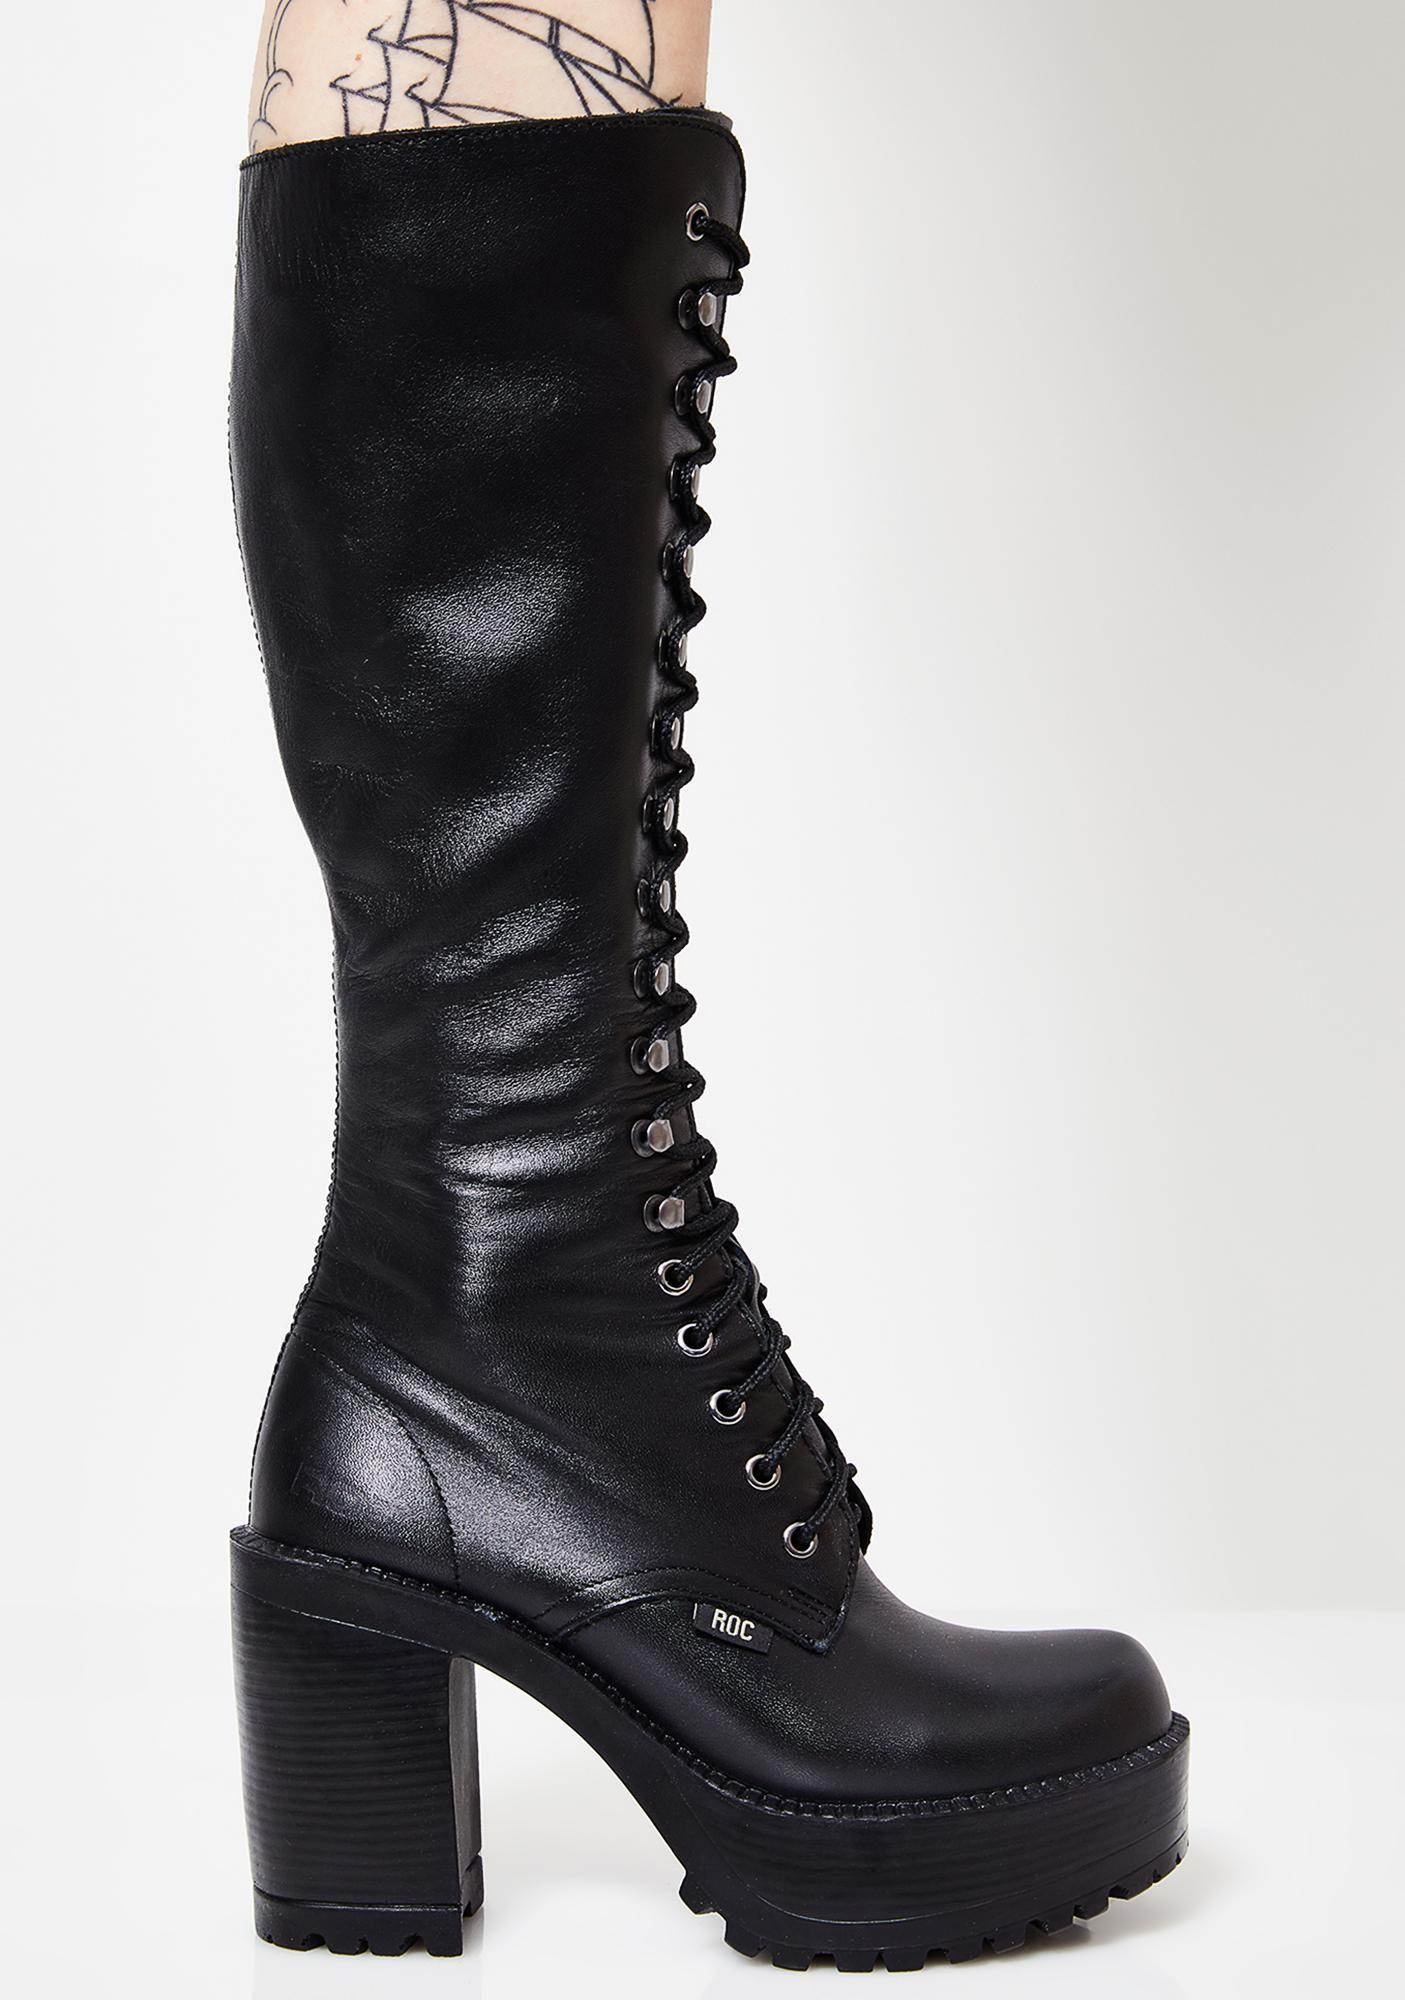 abc14c05353 ROC Boots Australia Lash Boots | Dolls Kill